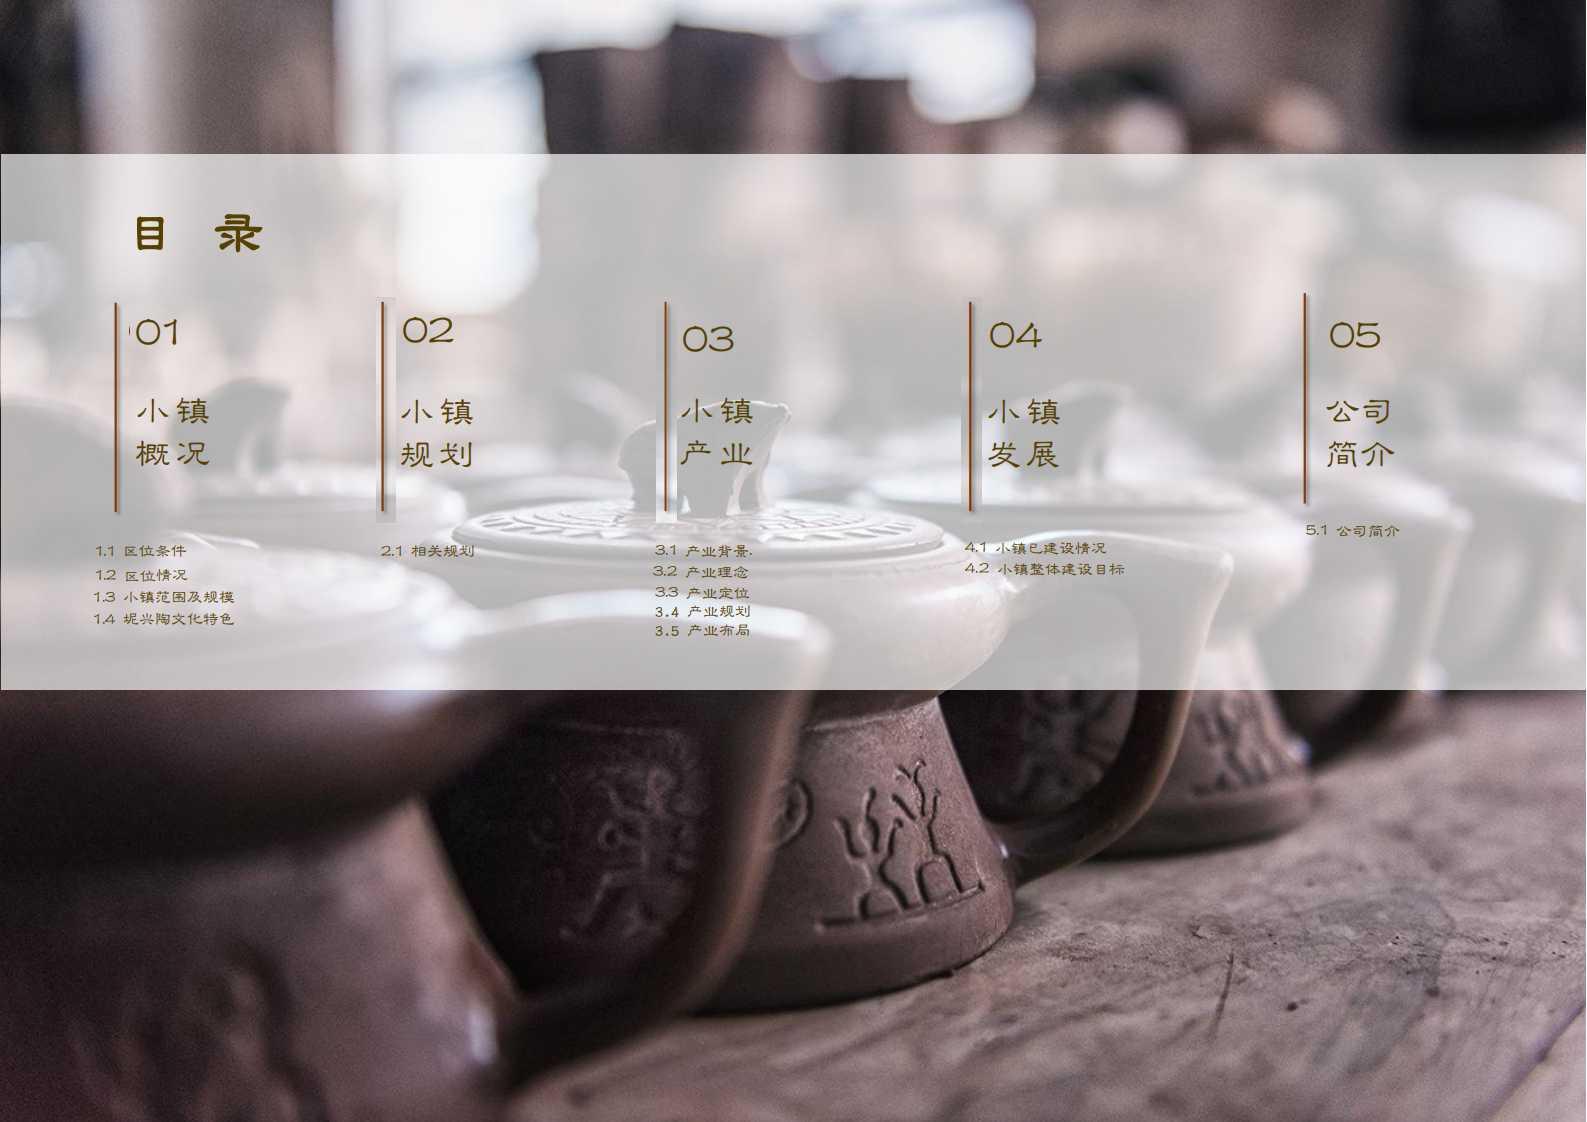 钦州坭兴陶特色小镇项目简介(4)_01.png